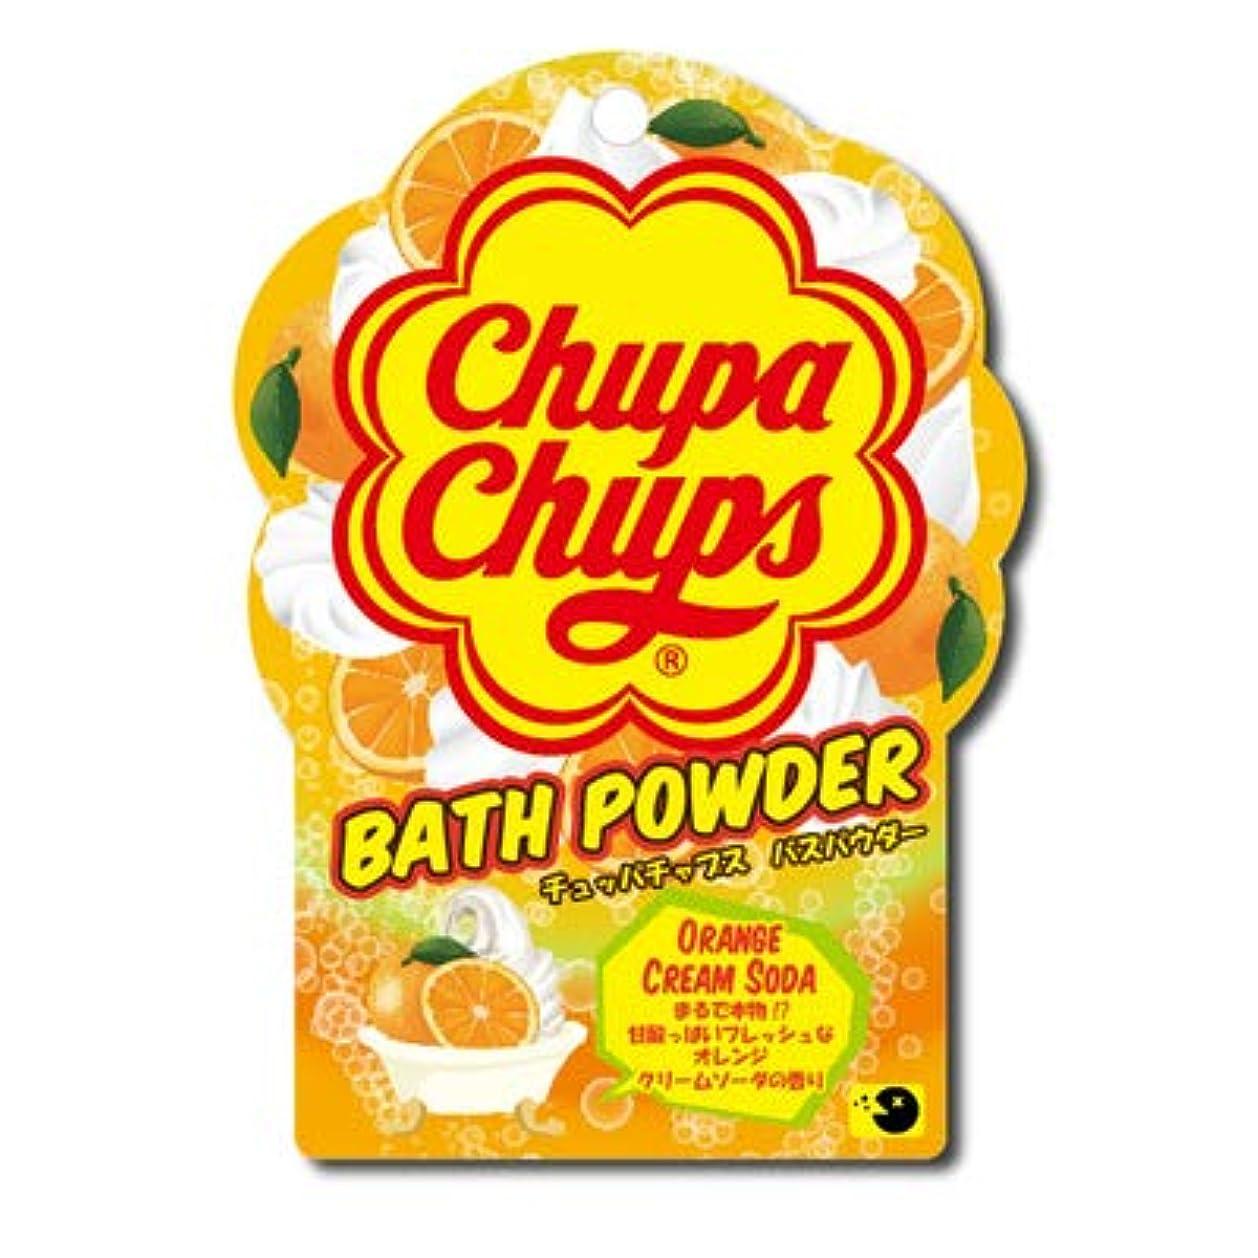 飛躍人質議論する【まとめ買い3個セット】 チュッパチャプスバスパウダー オレンジクリームソーダ